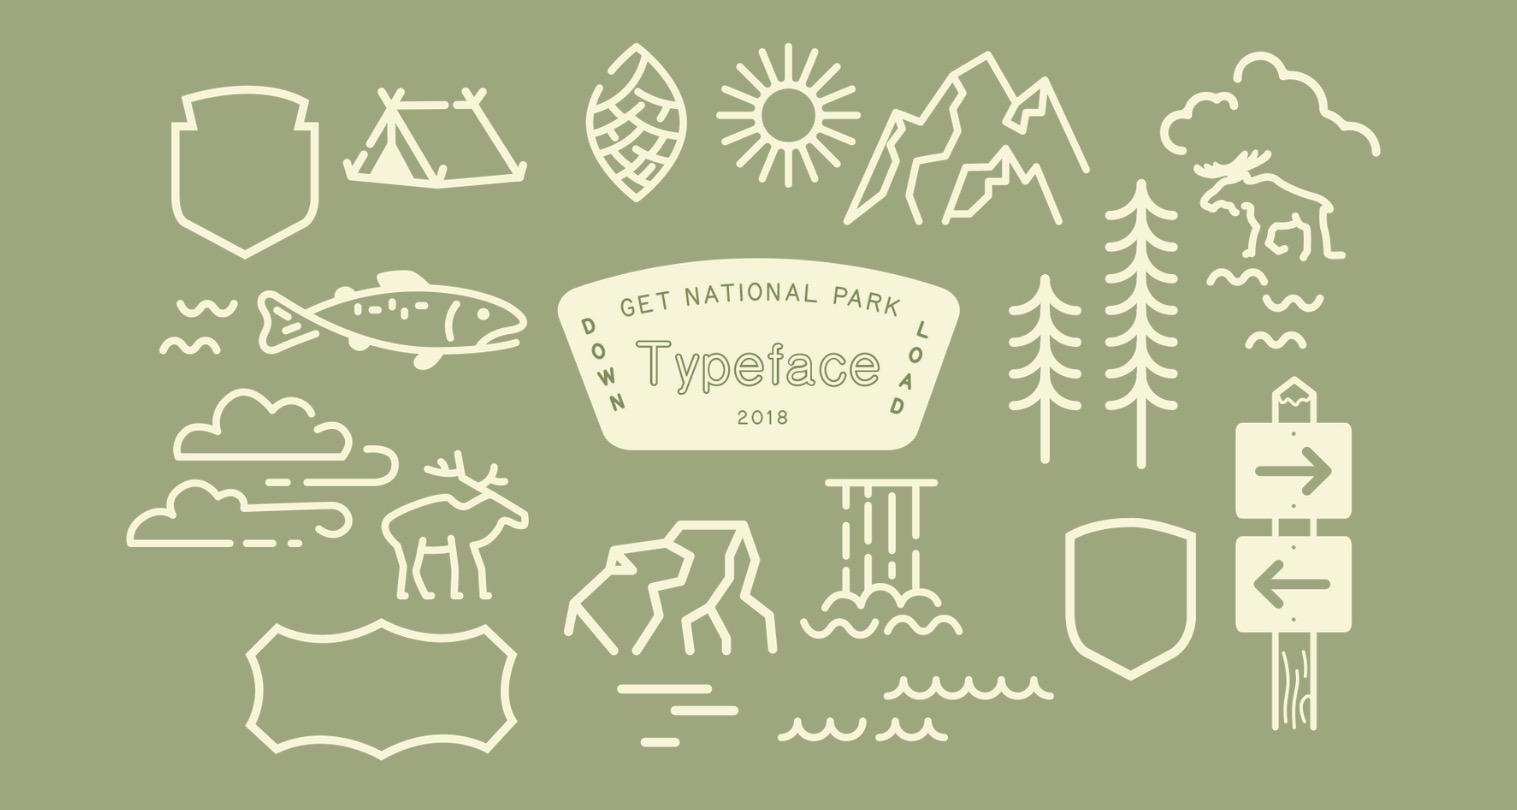 Il carattere tipografico dei parchi nazionali americani, da scaricare gratis